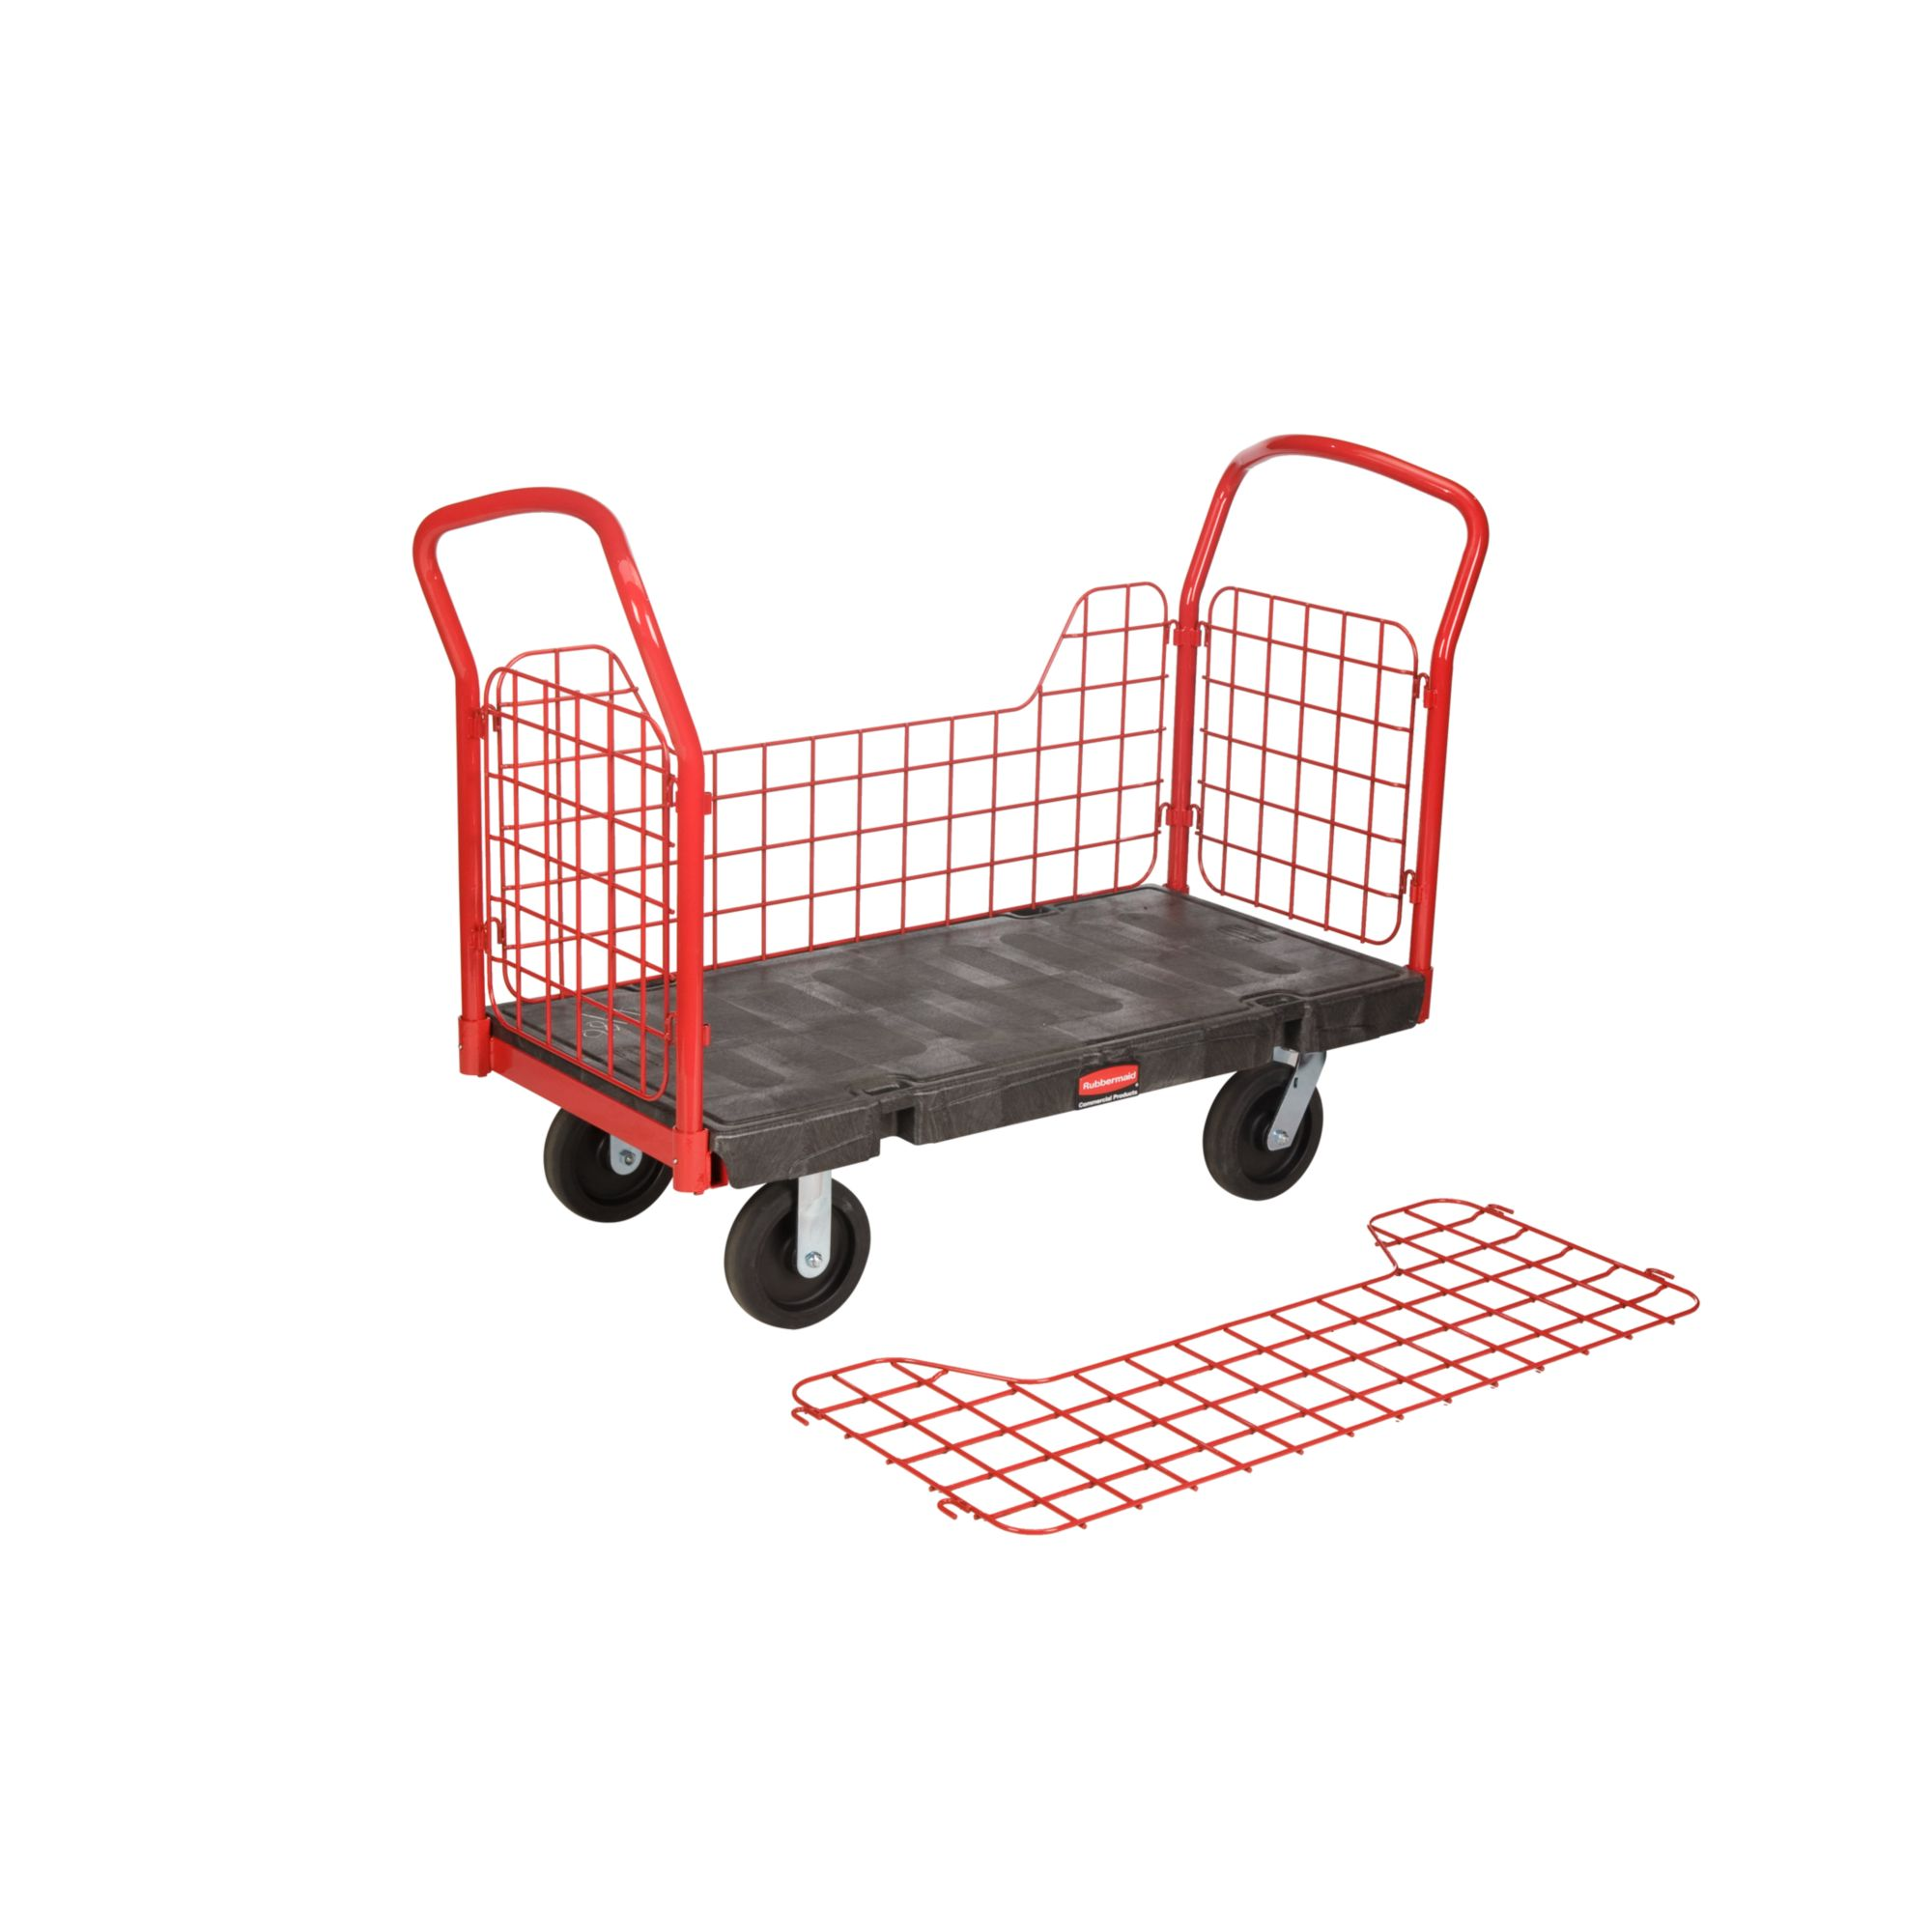 Plataforma con ruedas para cargas pesadas con paneles laterales